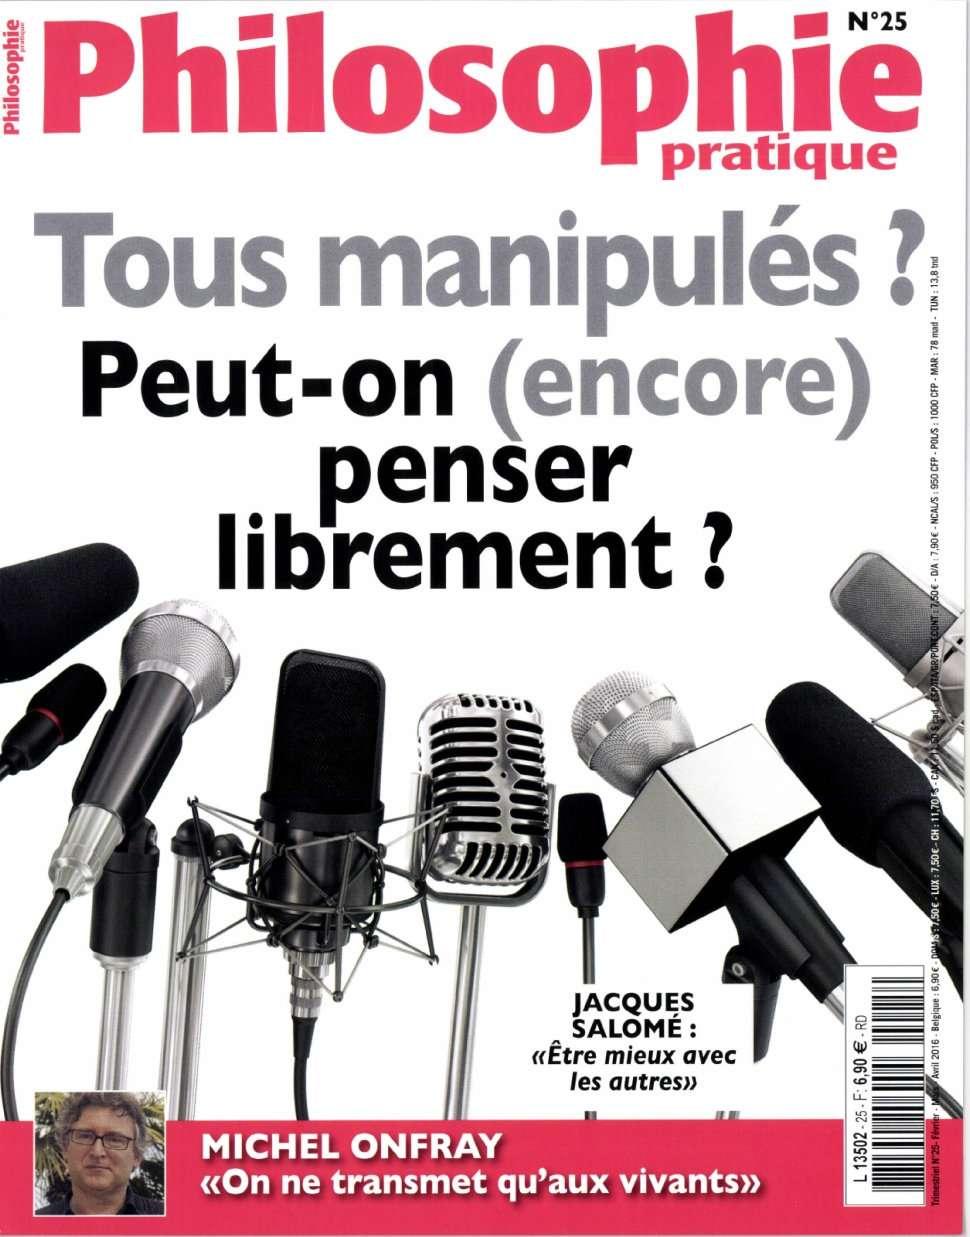 Philosophie Pratique 25 - Février/Mars/Avril 2016